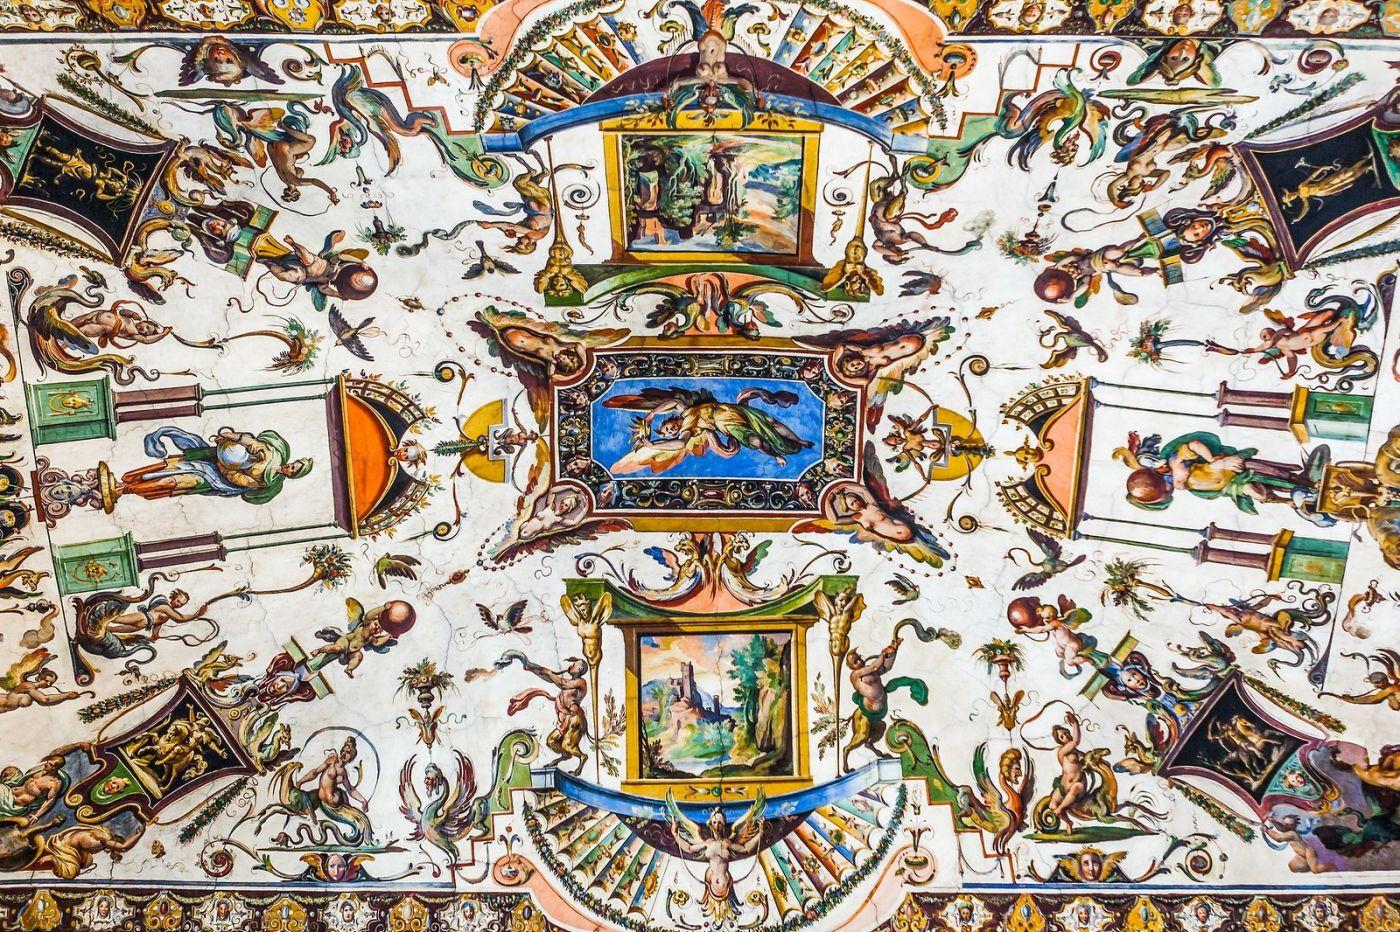 意大利佛罗伦斯乌菲兹美术馆, 藏品大展_图1-29